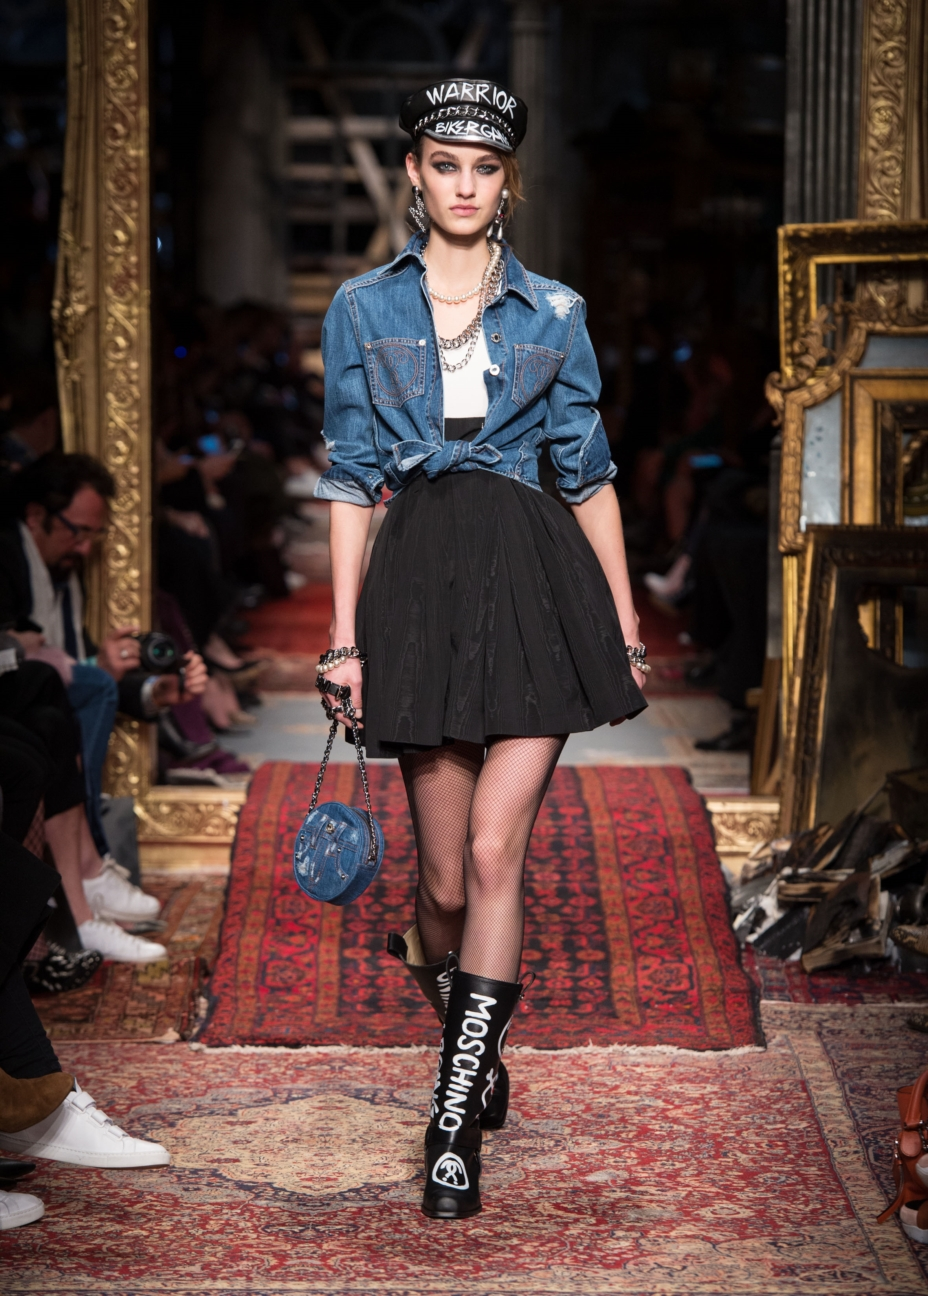 moschino-milan-fashion-week-aw-16-15